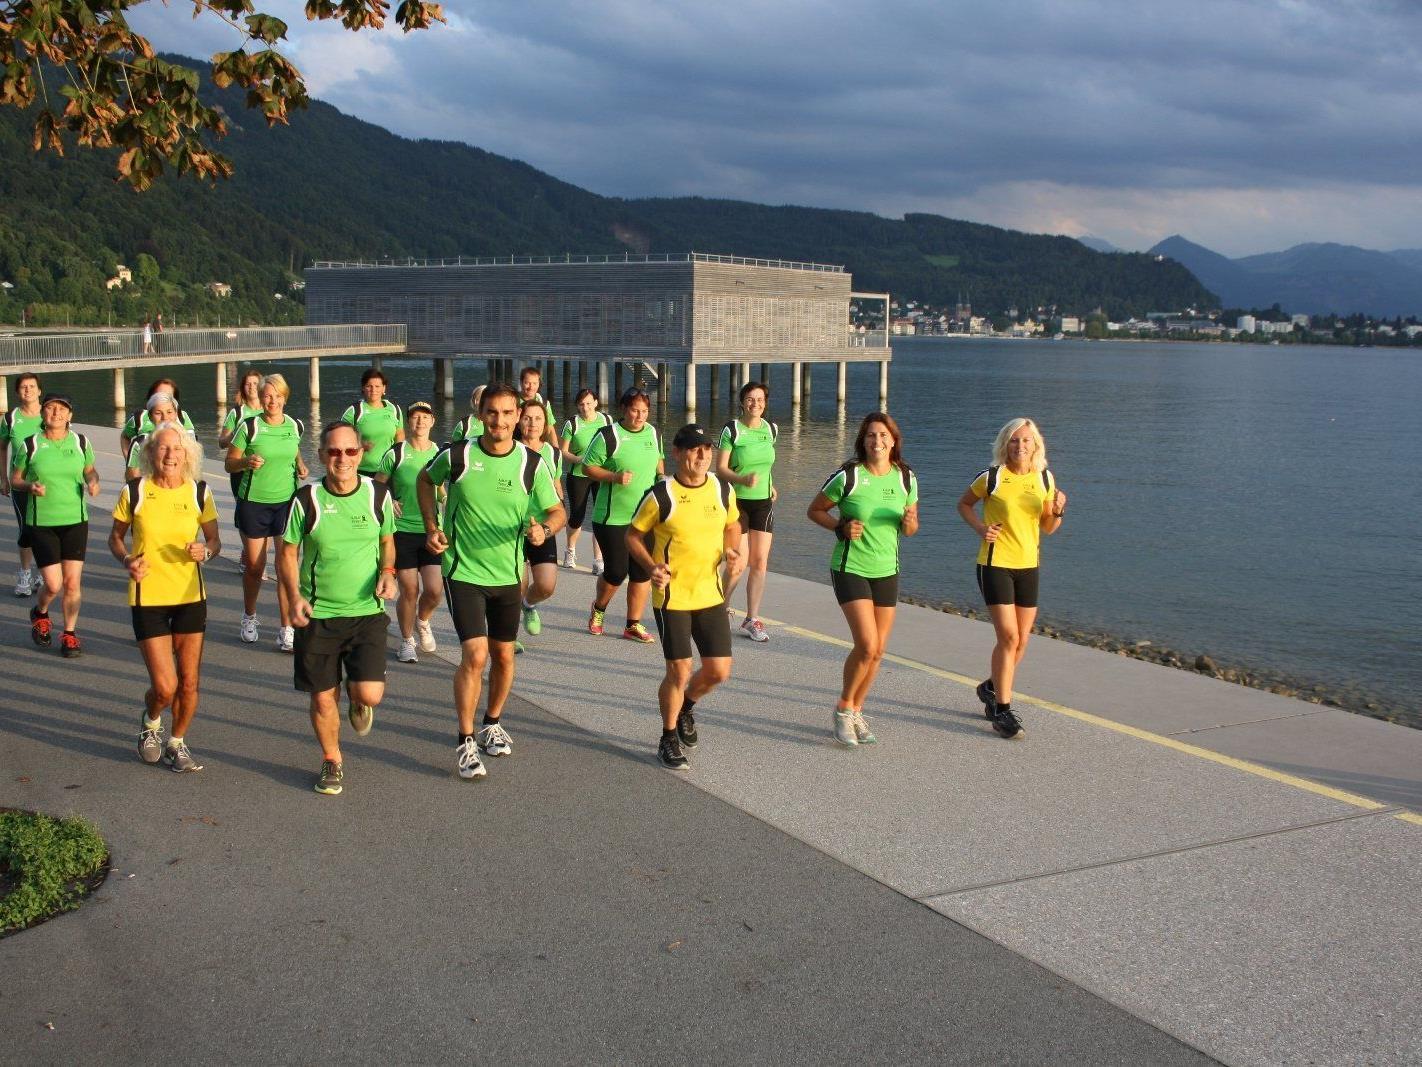 Das Team des LaufTreff Leiblachtal als Veranstalter freut sich auf insgesamt 109 Läufer und lädt alle Interessierten herzlich ein, als Zuschauer bei diesem Event dabei zu sein.